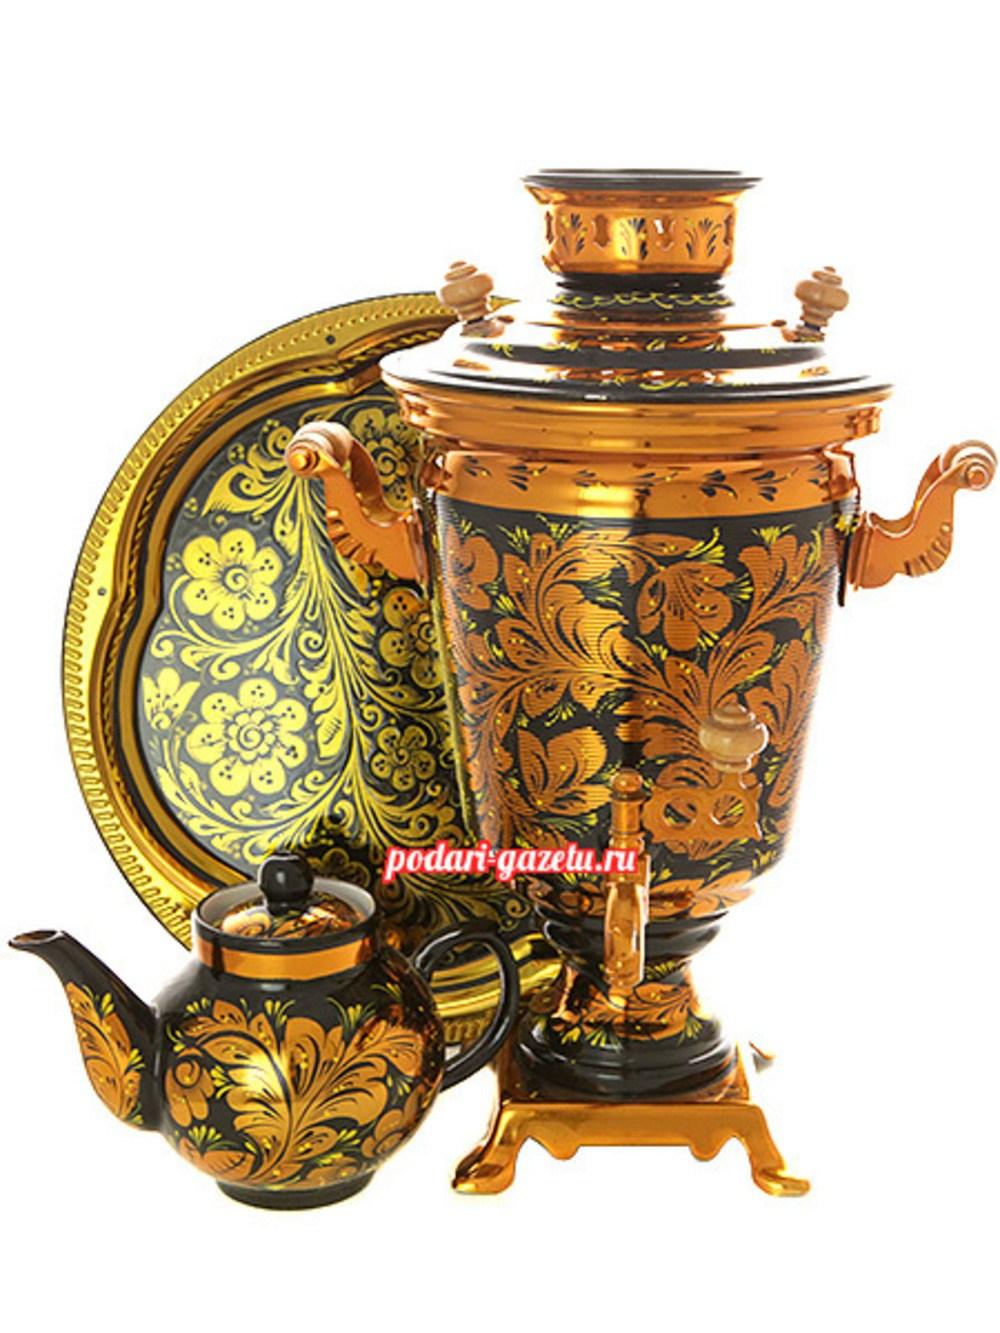 Набор: электрический самовар на 4 литра с художественной росписью Золотая хохлома